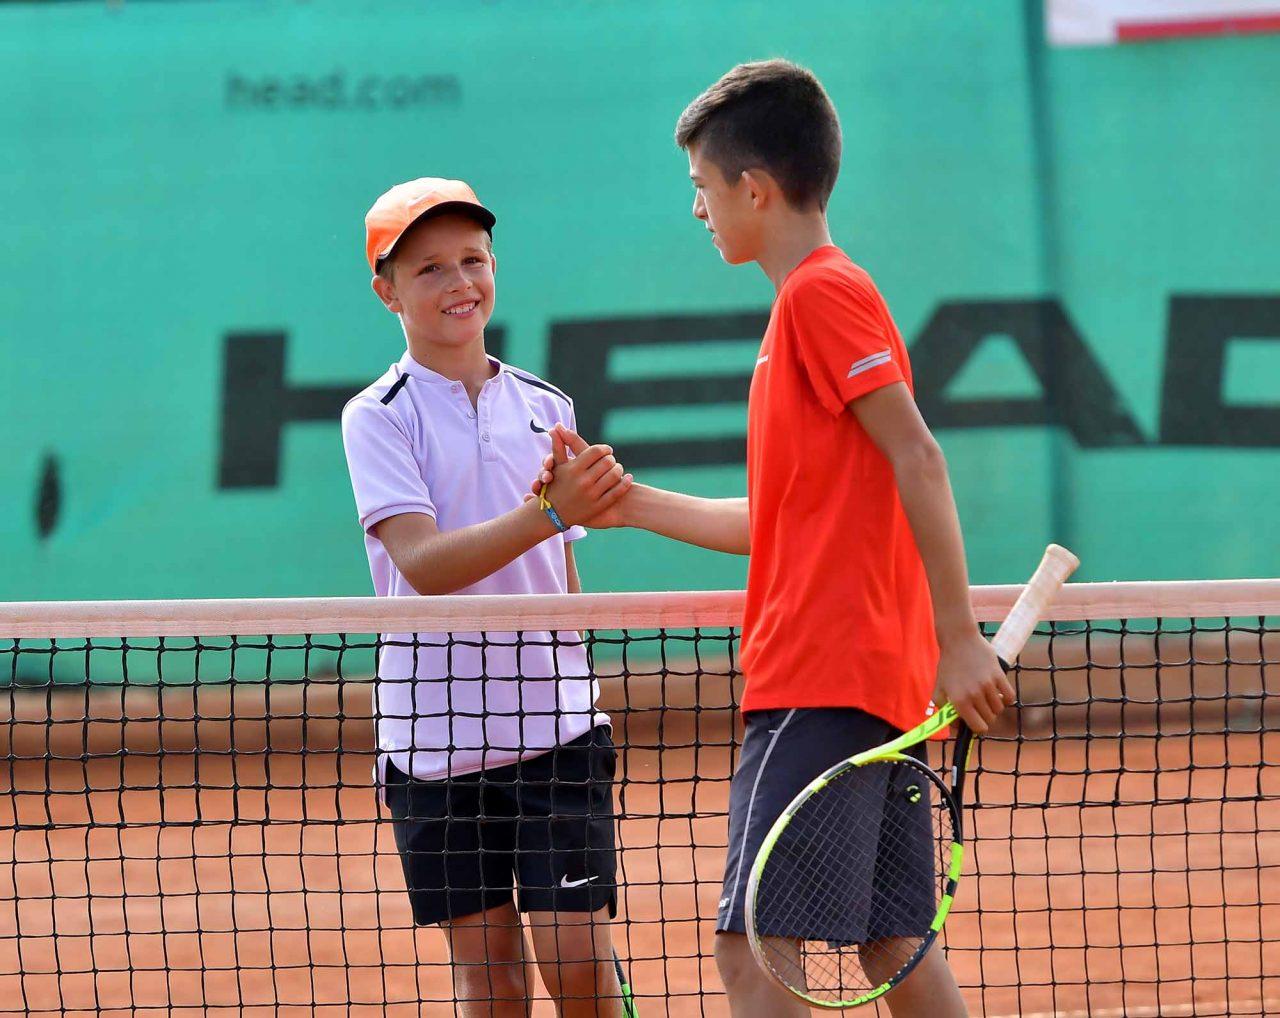 Държавно първенство тенис до 14 год. ТК 15-40 момчета (19)